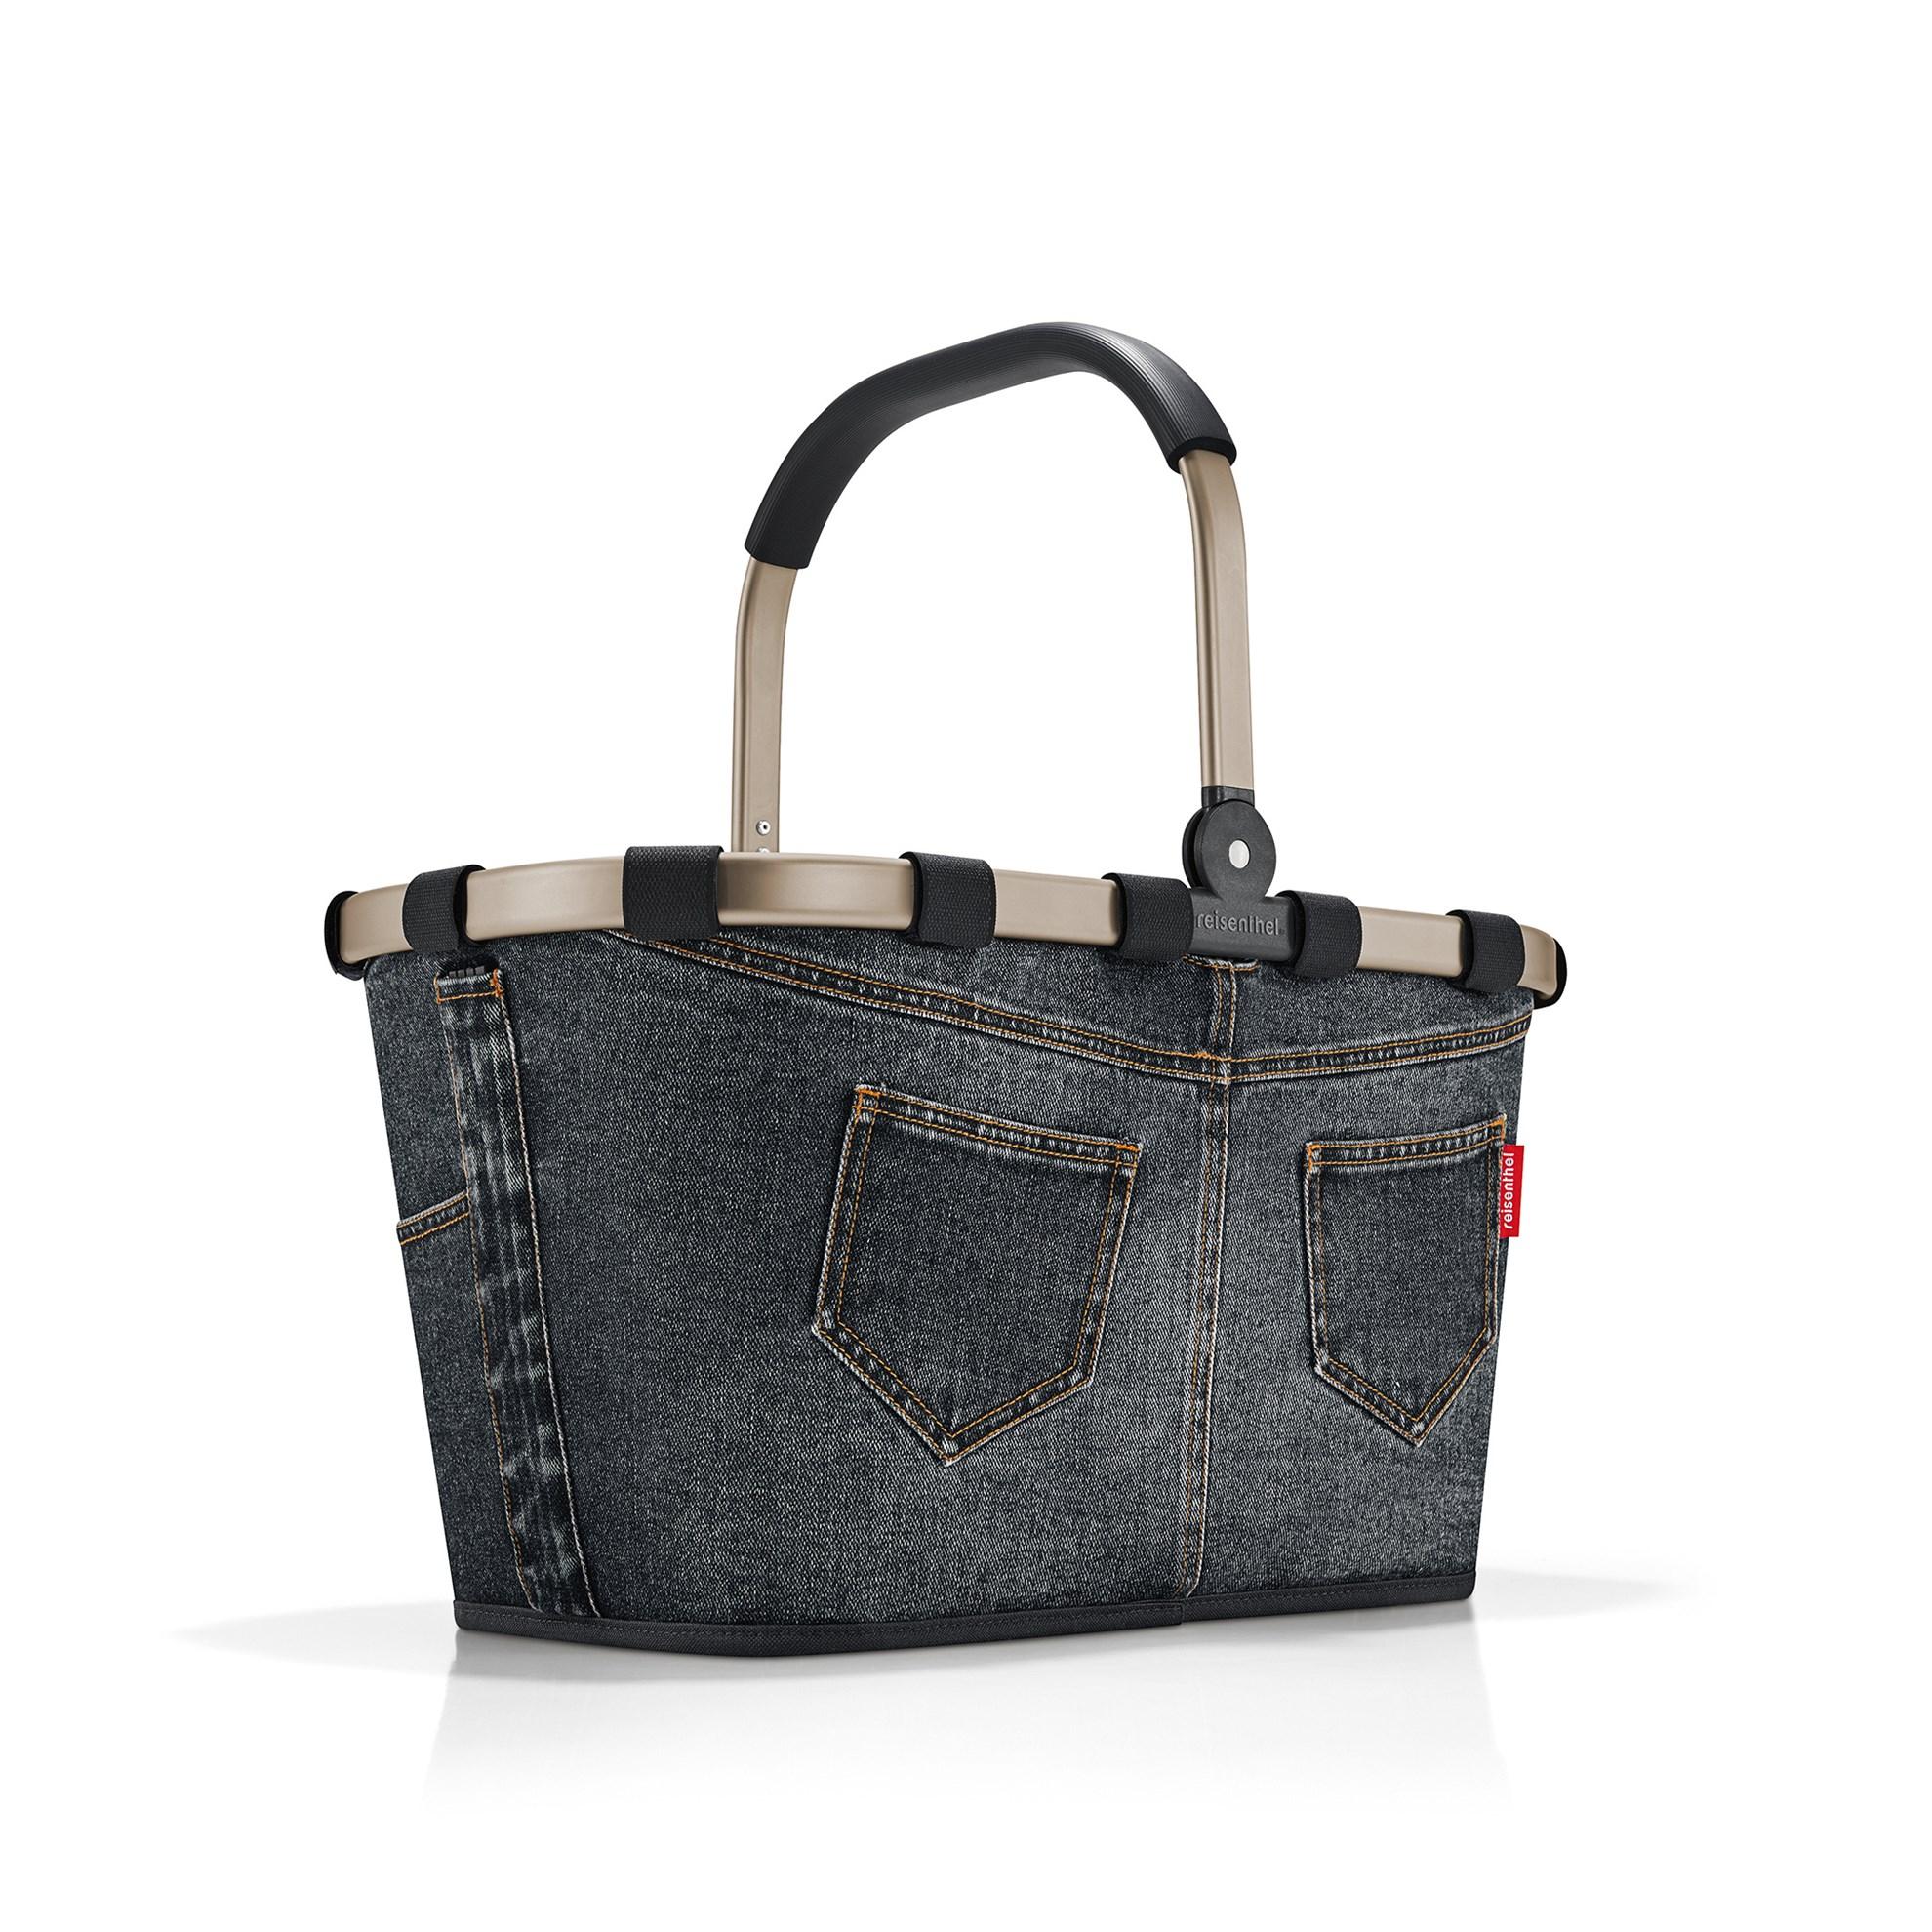 Nákupní košík Carrybag frame jeans dark grey_0